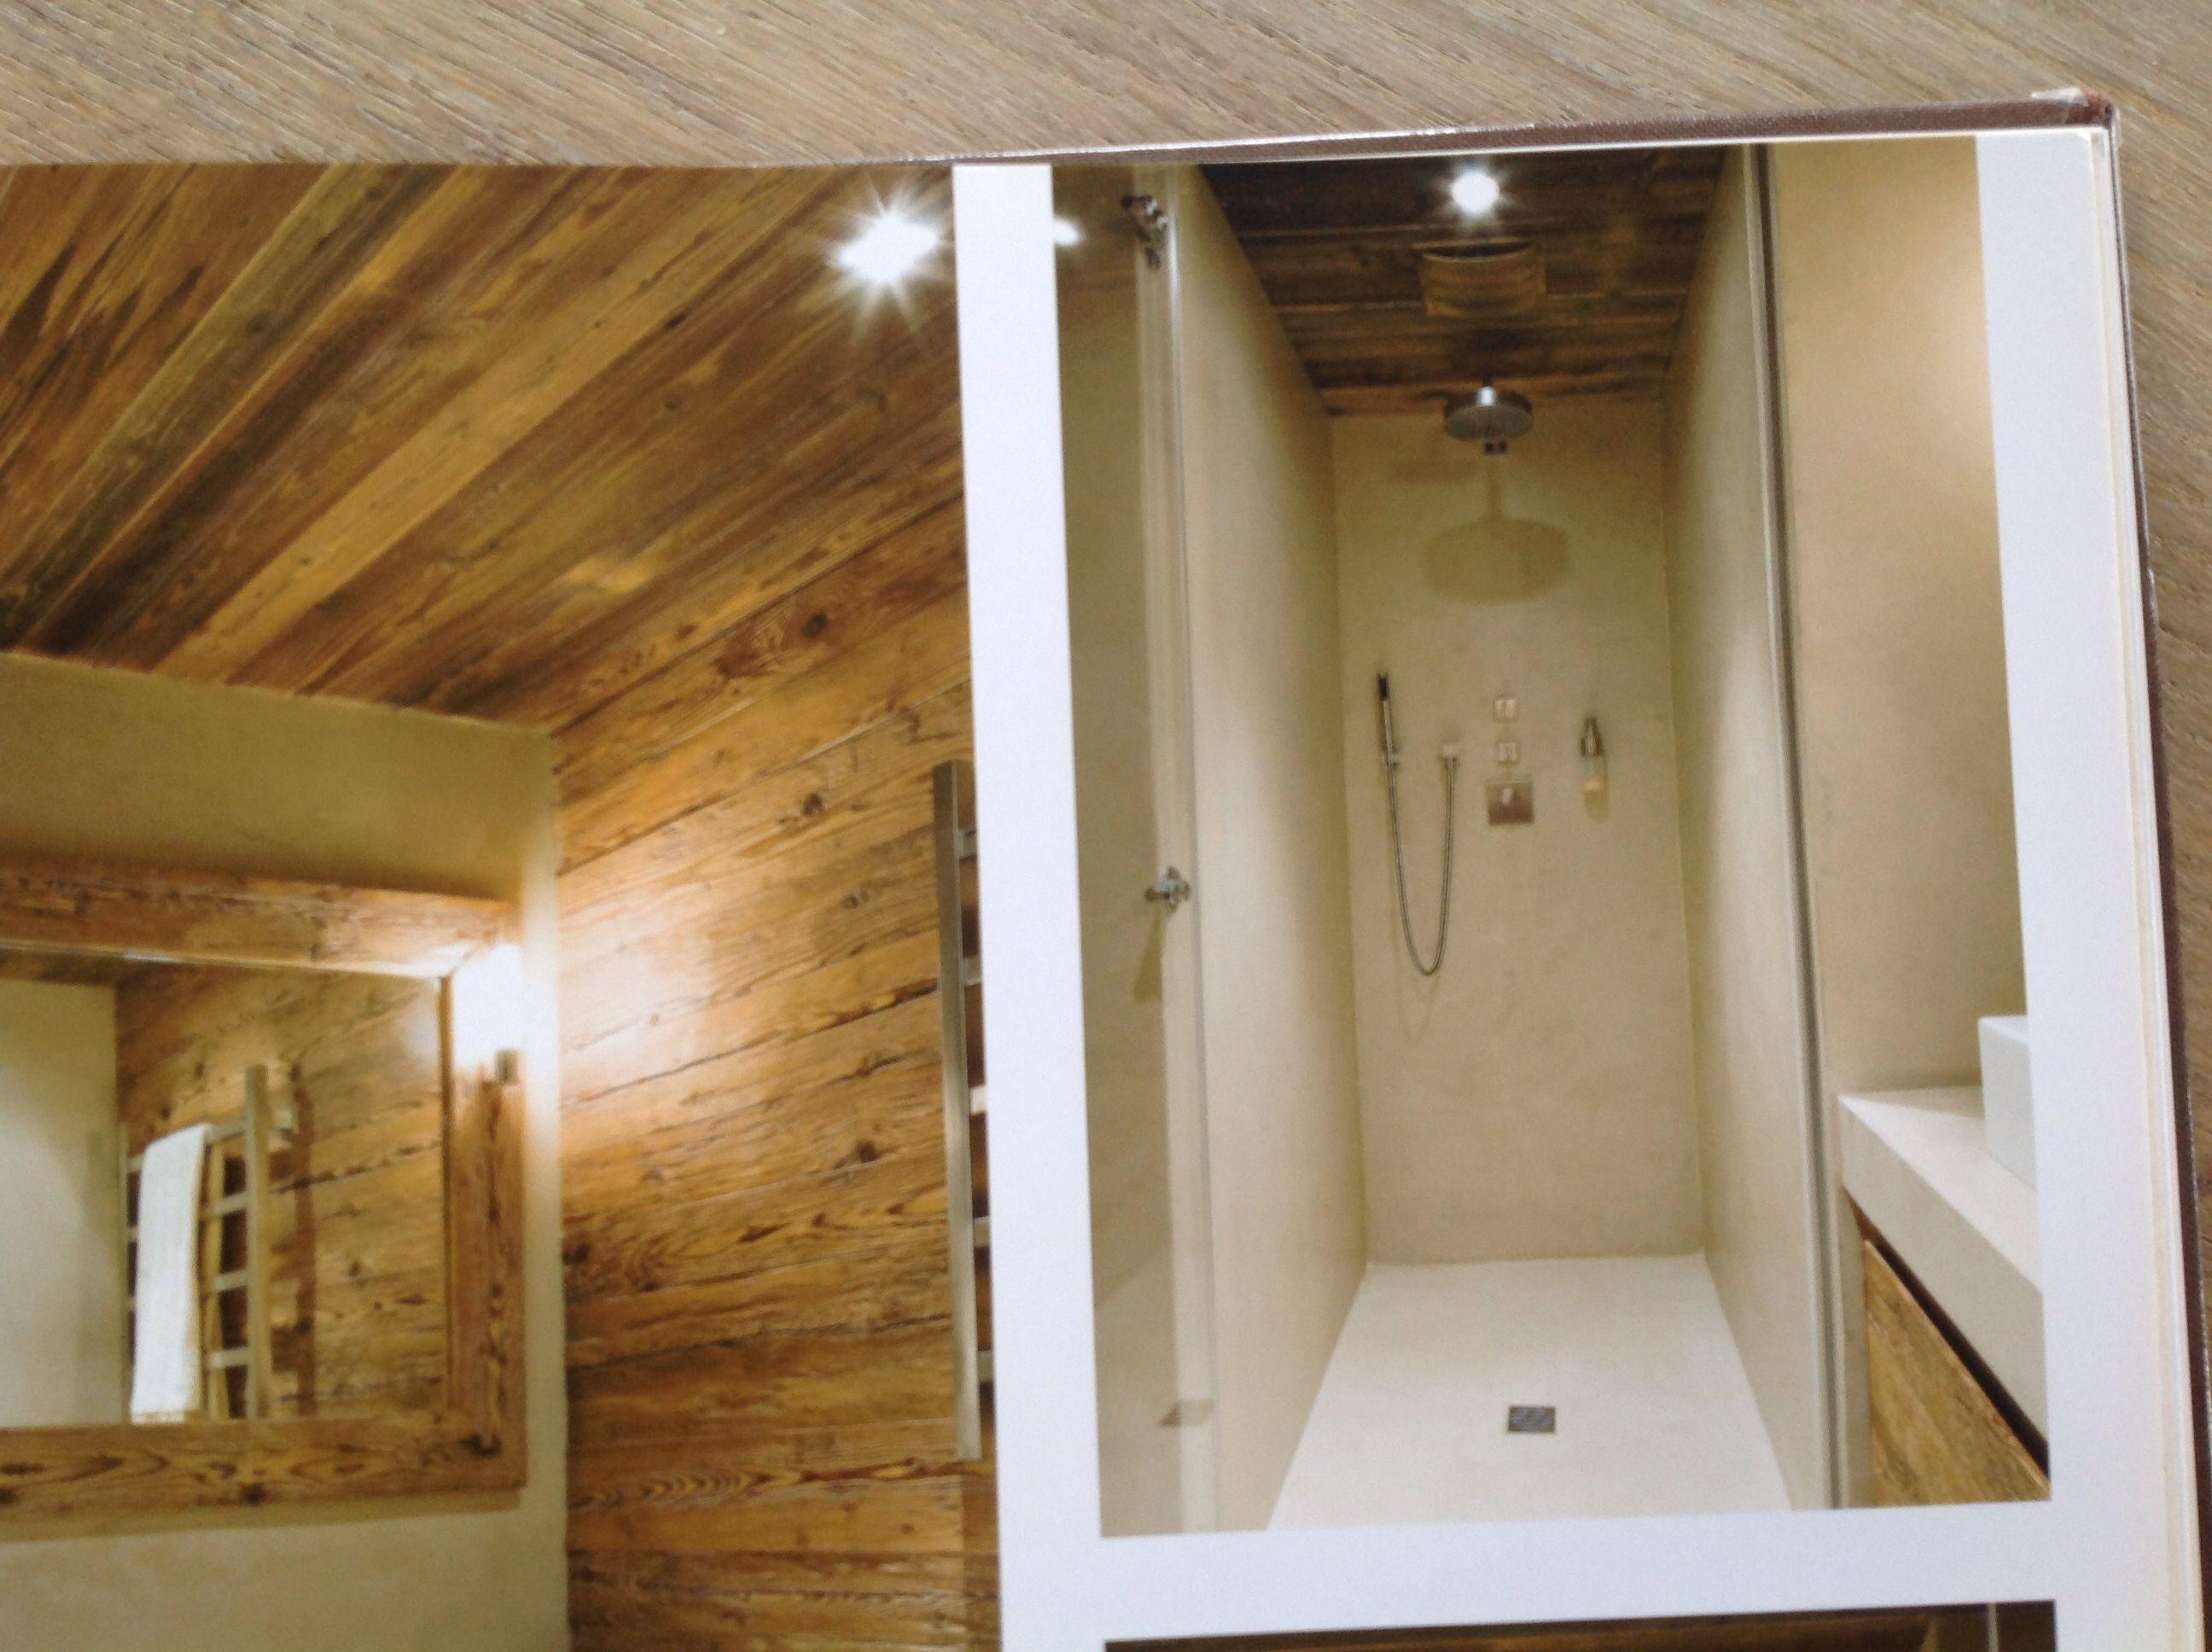 douche badkamer pinterest badkamer